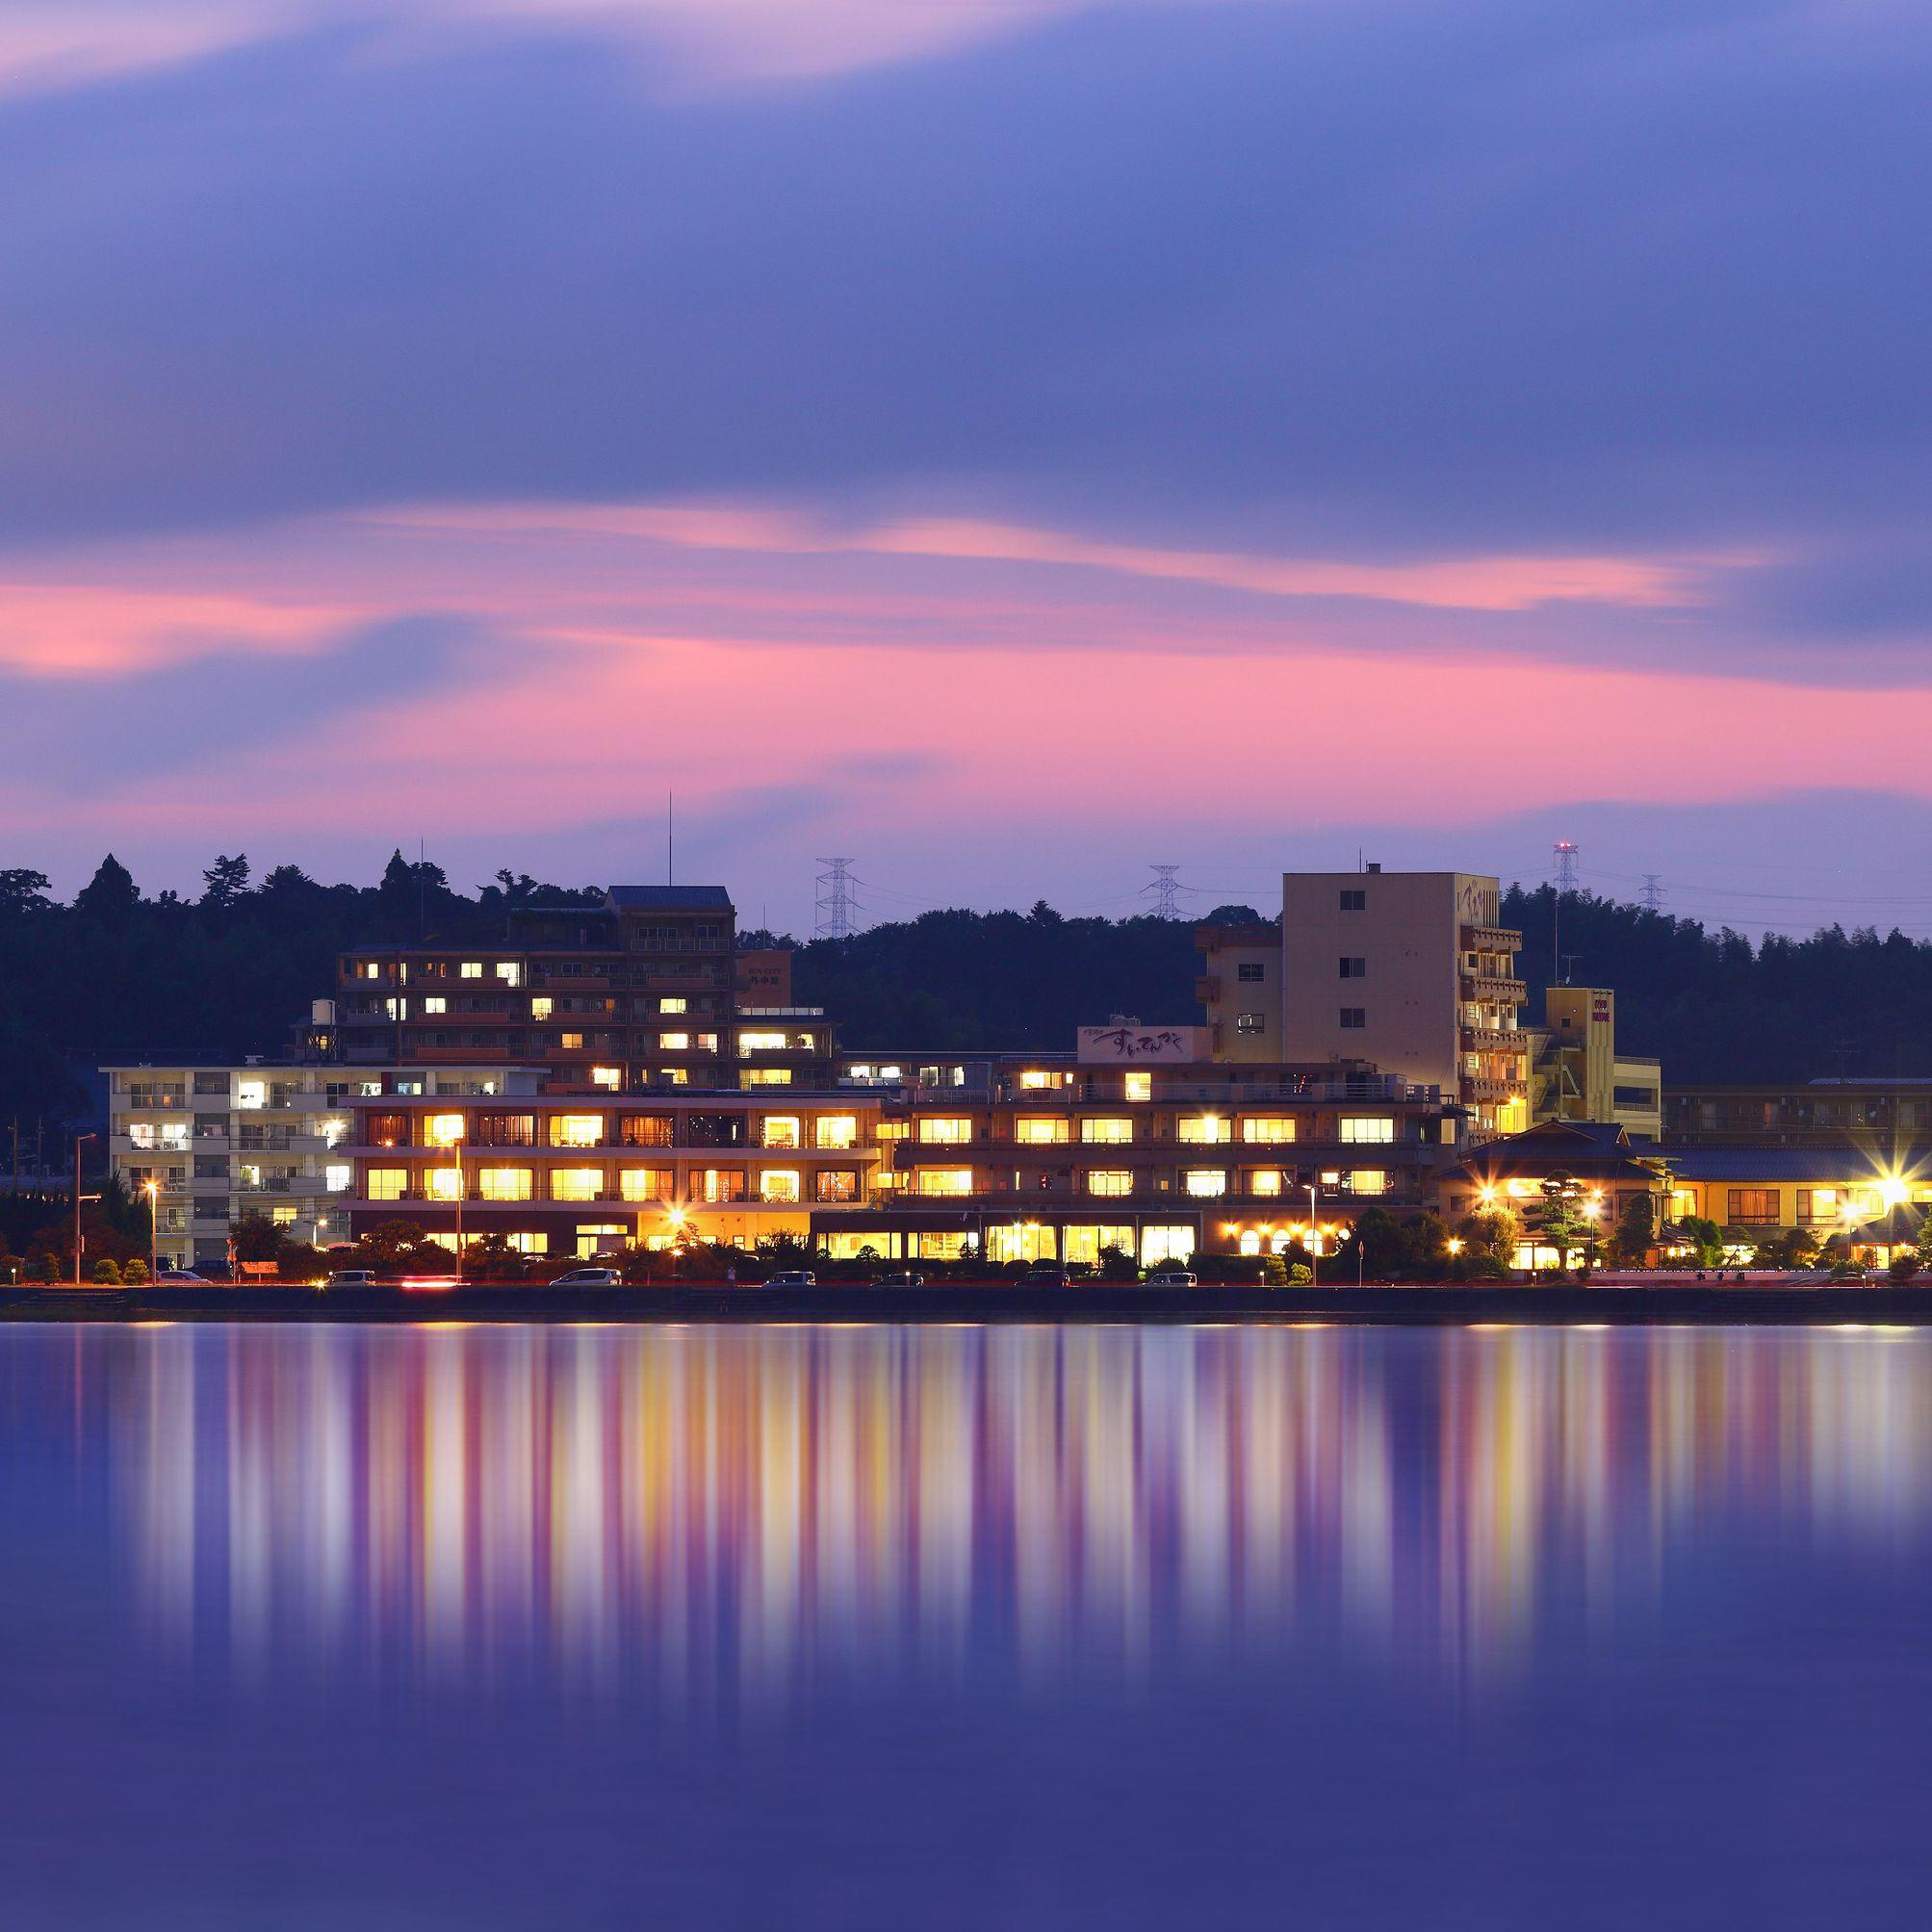 松江の城下町観光をした後に松江しんじ湖温泉に泊まりたい!早期割引や直前割引があるホテル